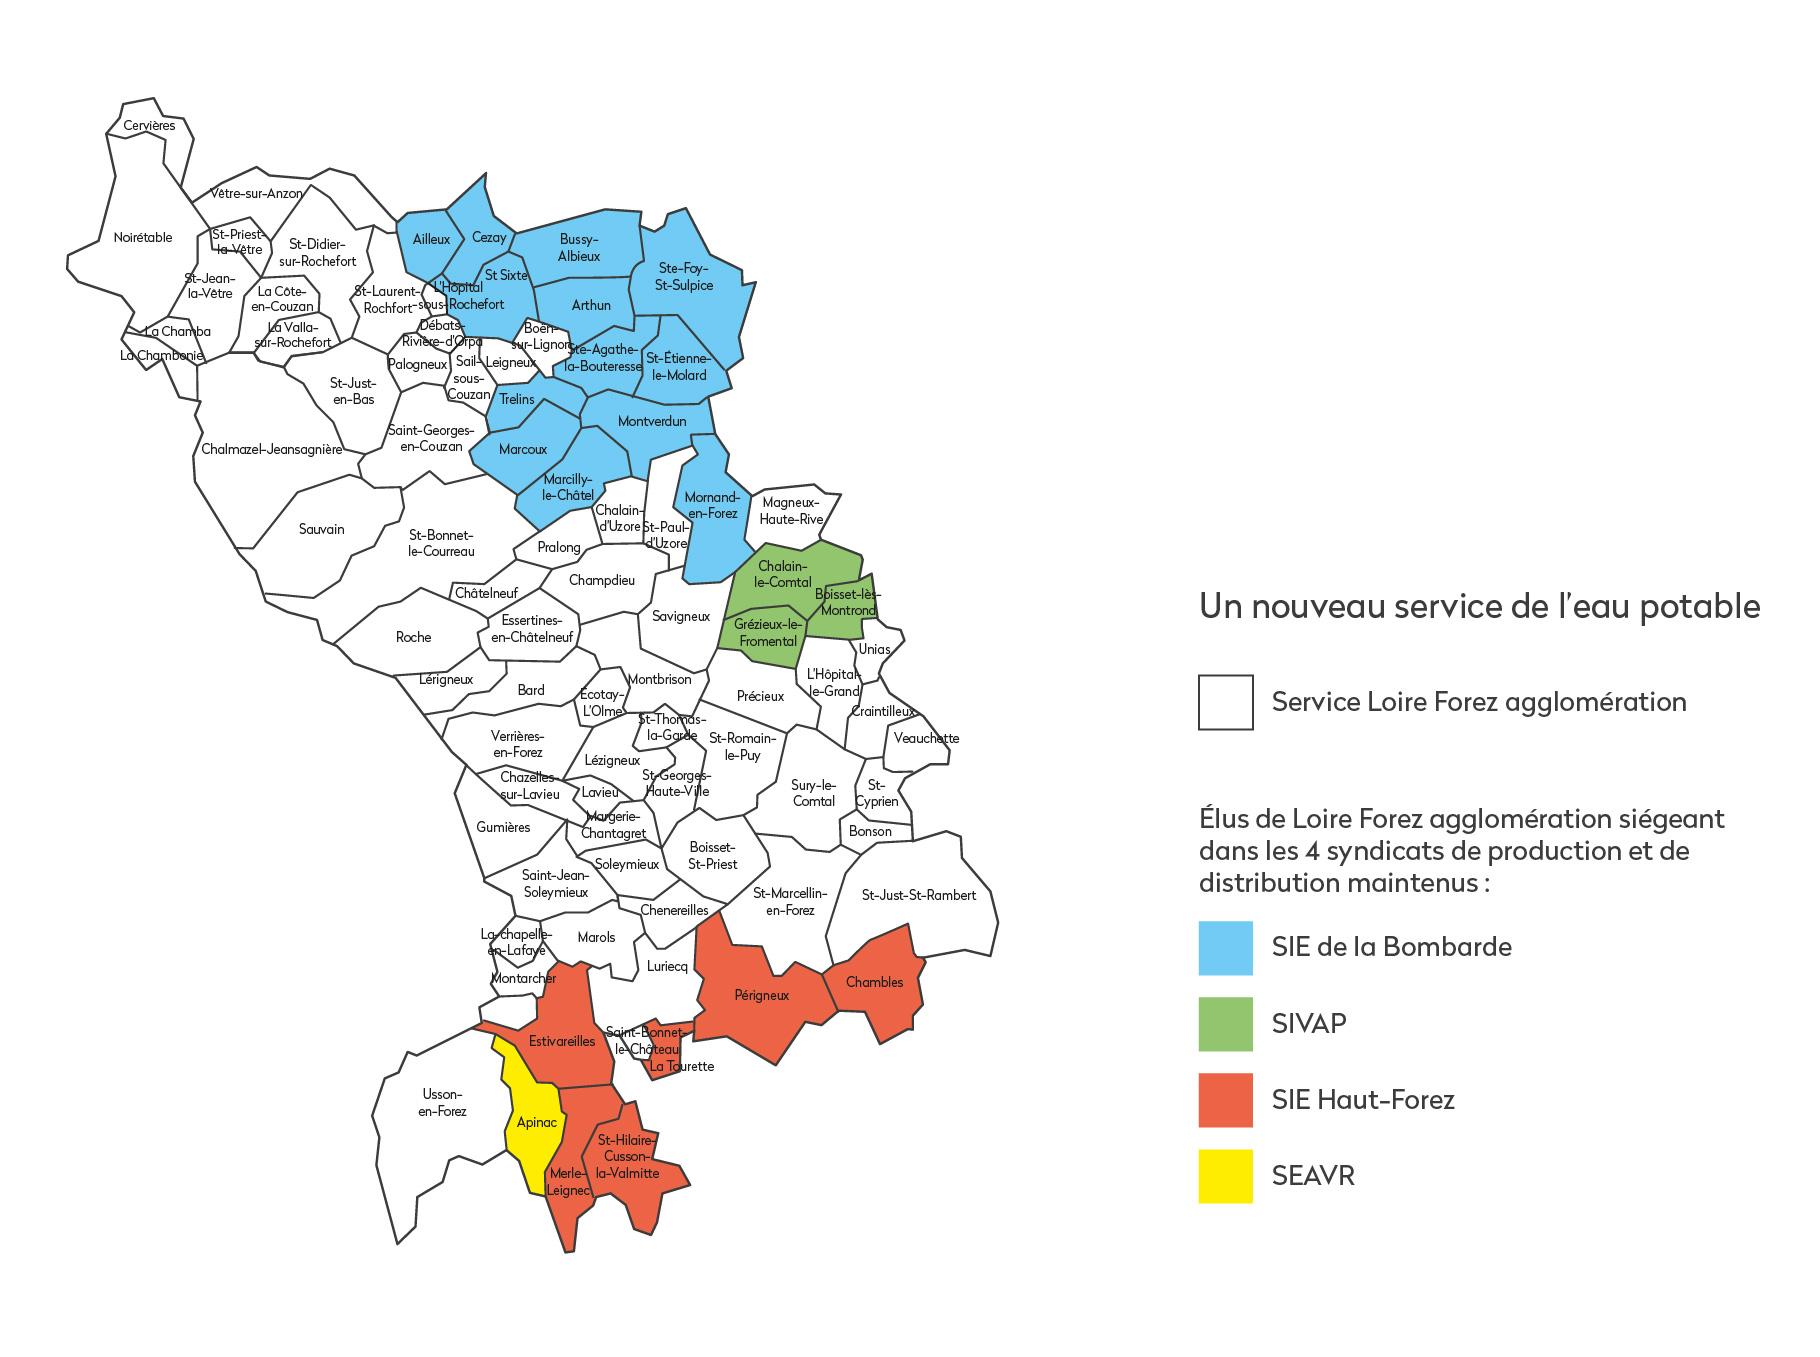 carte du service de l'eau potable Loire Forez agglo